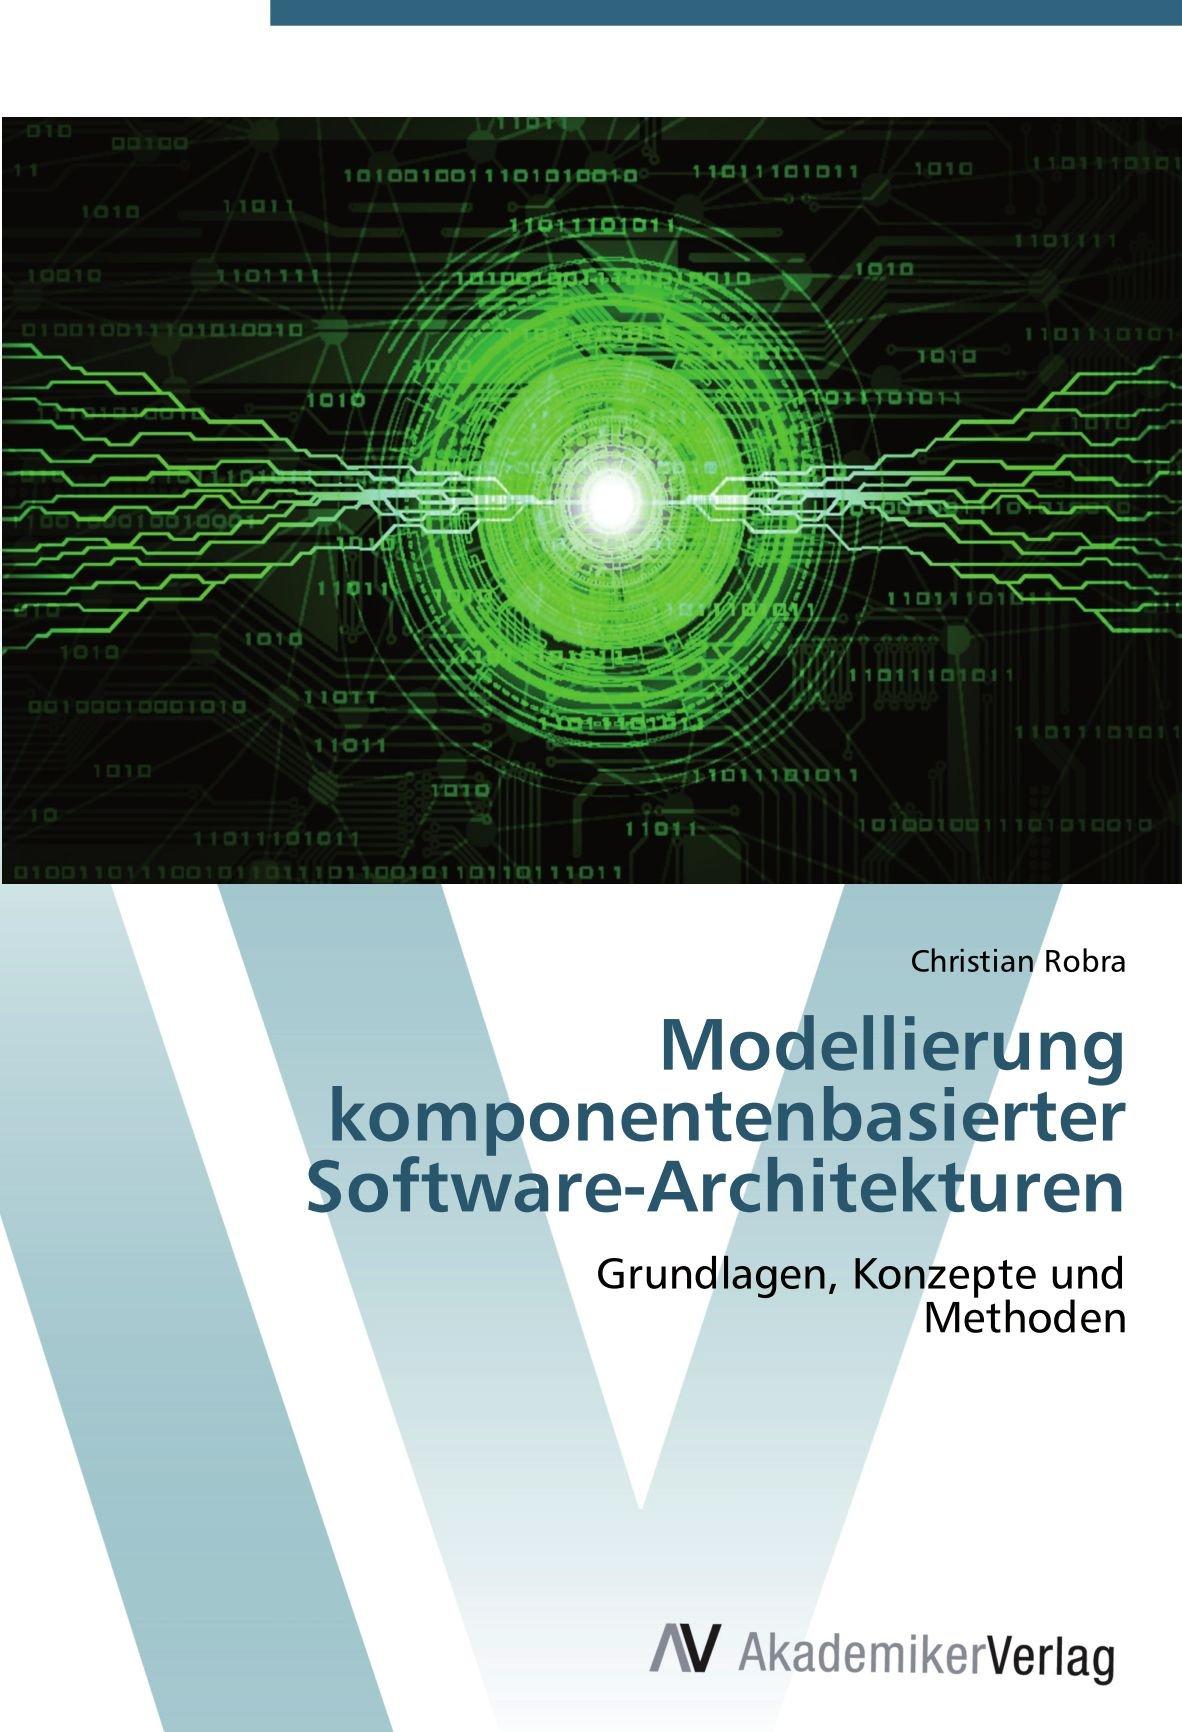 Modellierung komponentenbasierter Software-Architekturen: Grundlagen, Konzepte und  Methoden (German Edition) ebook